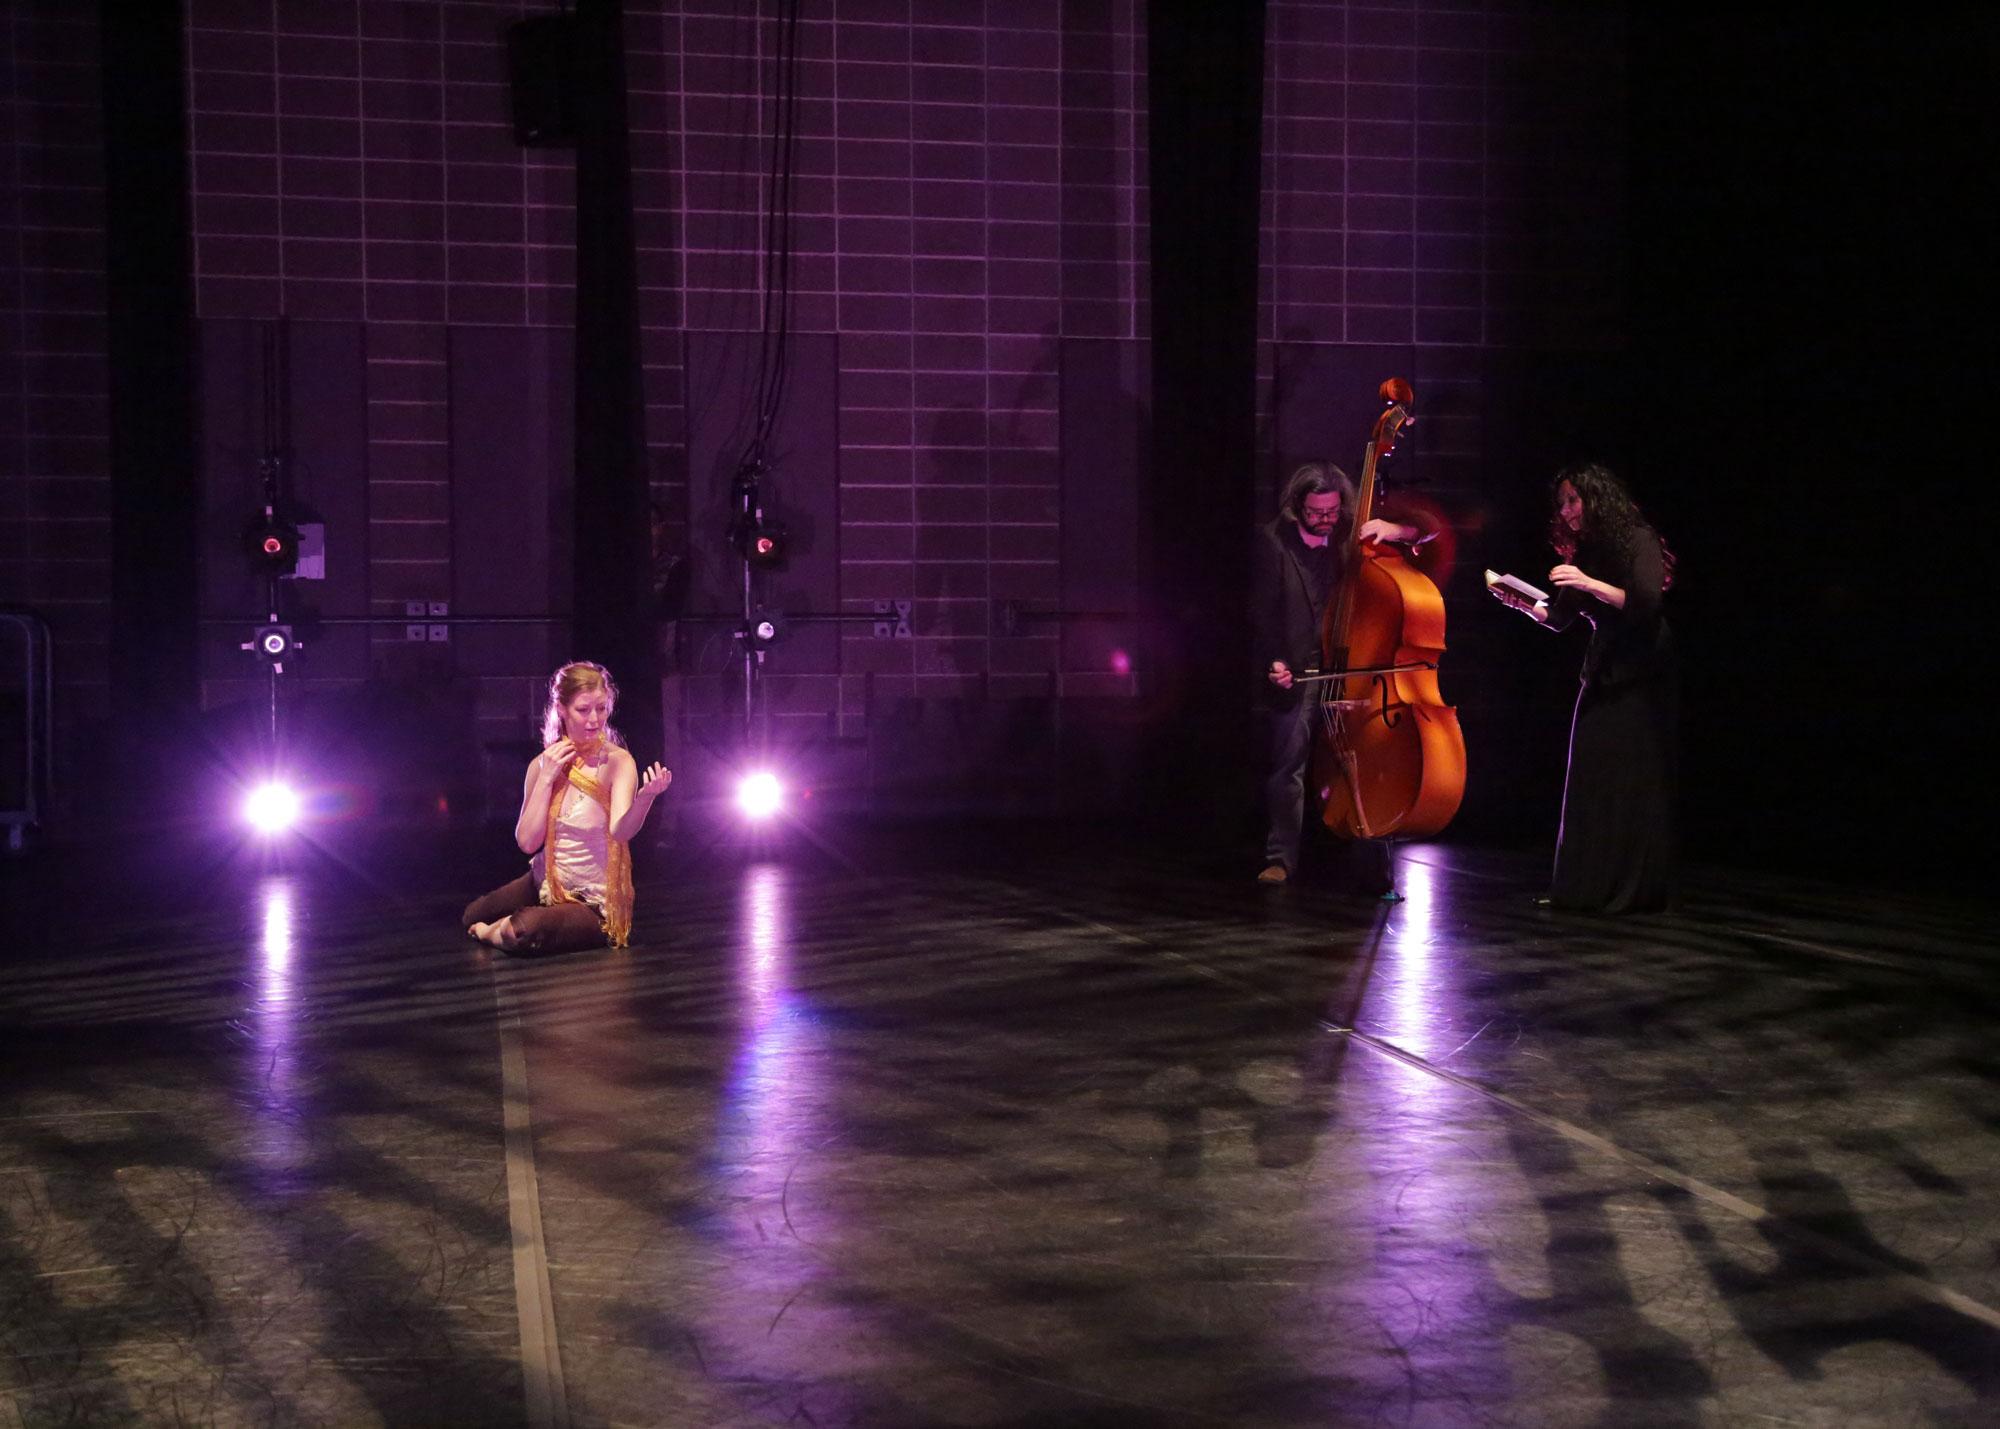 Dialogue entre, an experimental trio. Misha Penton, soprano. Brent Fariss, double bass. Music by Misha Penton and Brent Fariss. Meg Brooker, dancer and choreographer